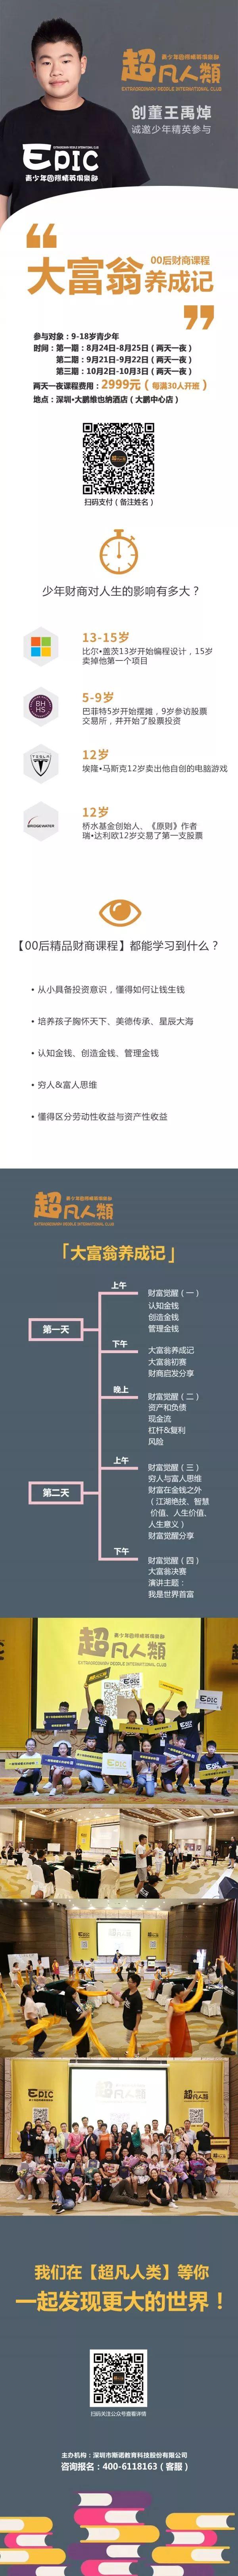 13岁超凡演讲者黄柯瑞:超强商业嗅觉和逻辑推理能力!插图(7)